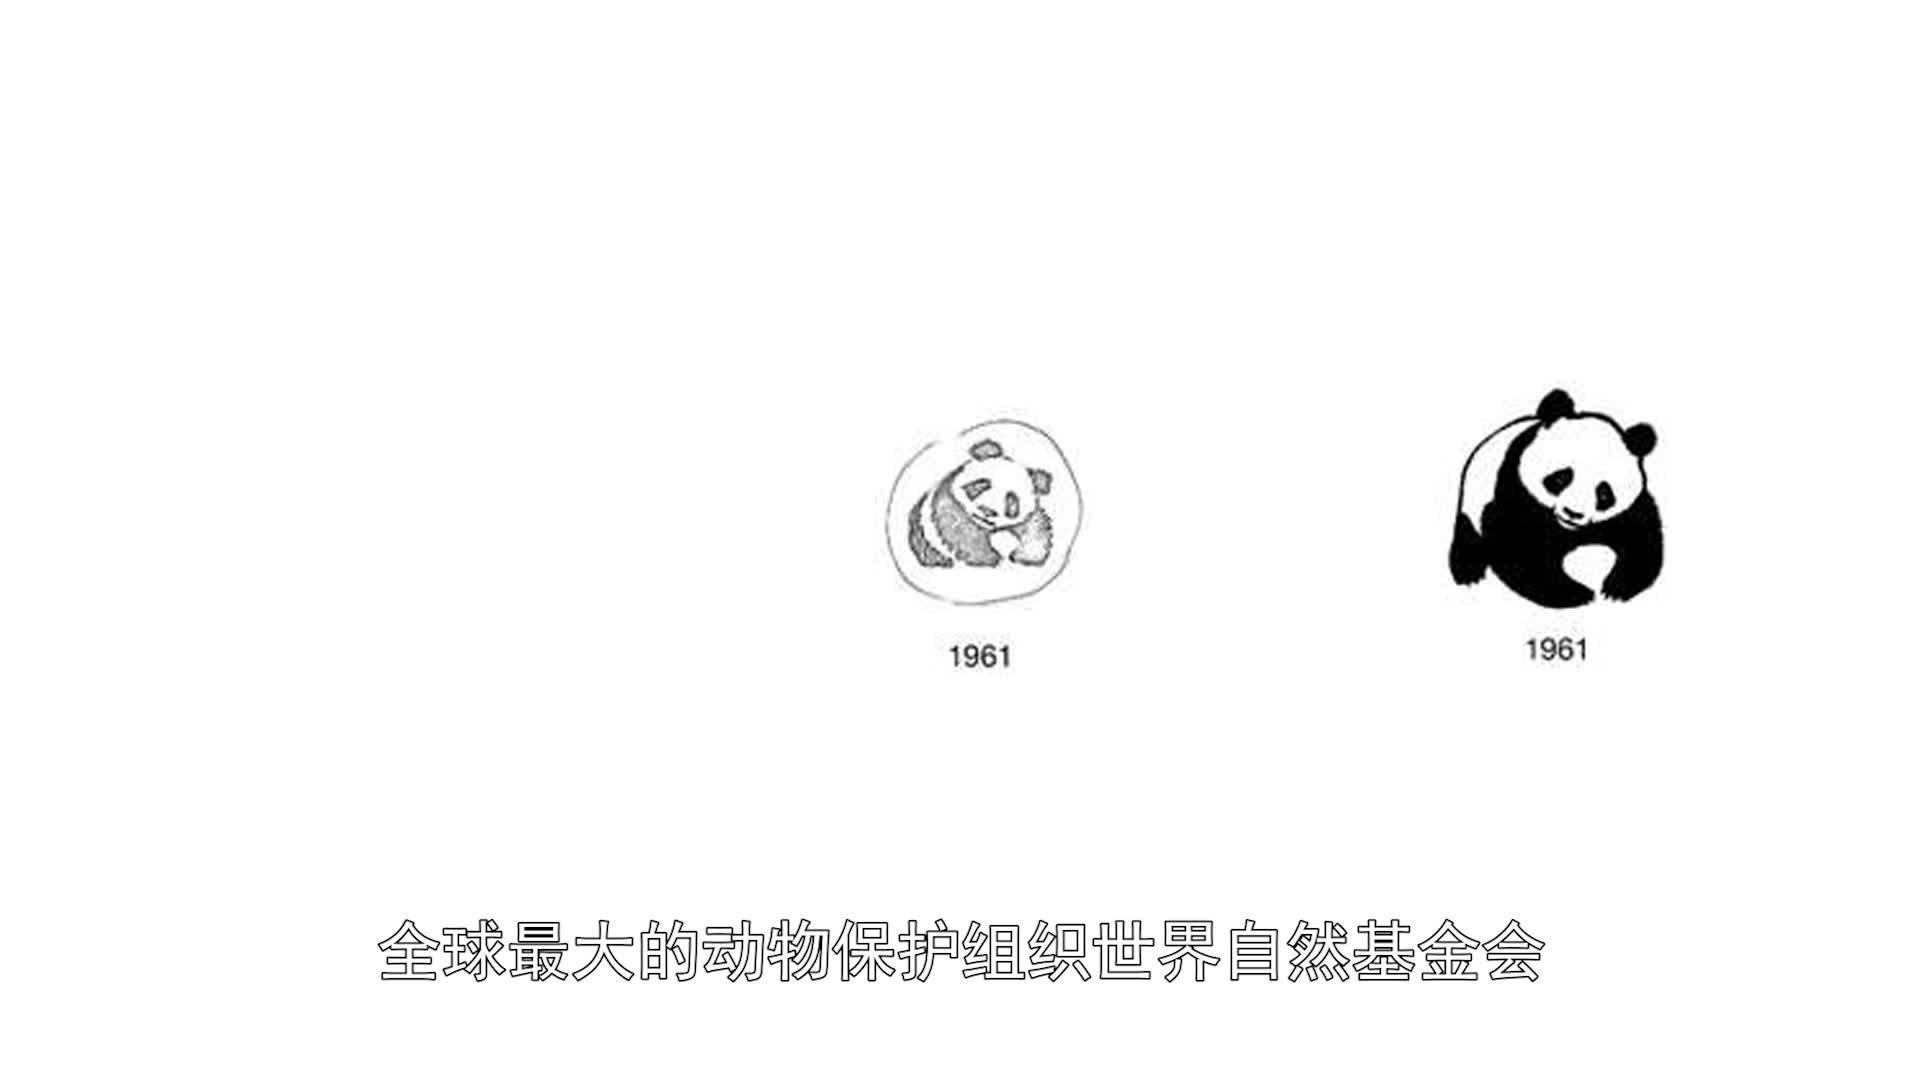 国家相册第五十七集《熊猫回家路》